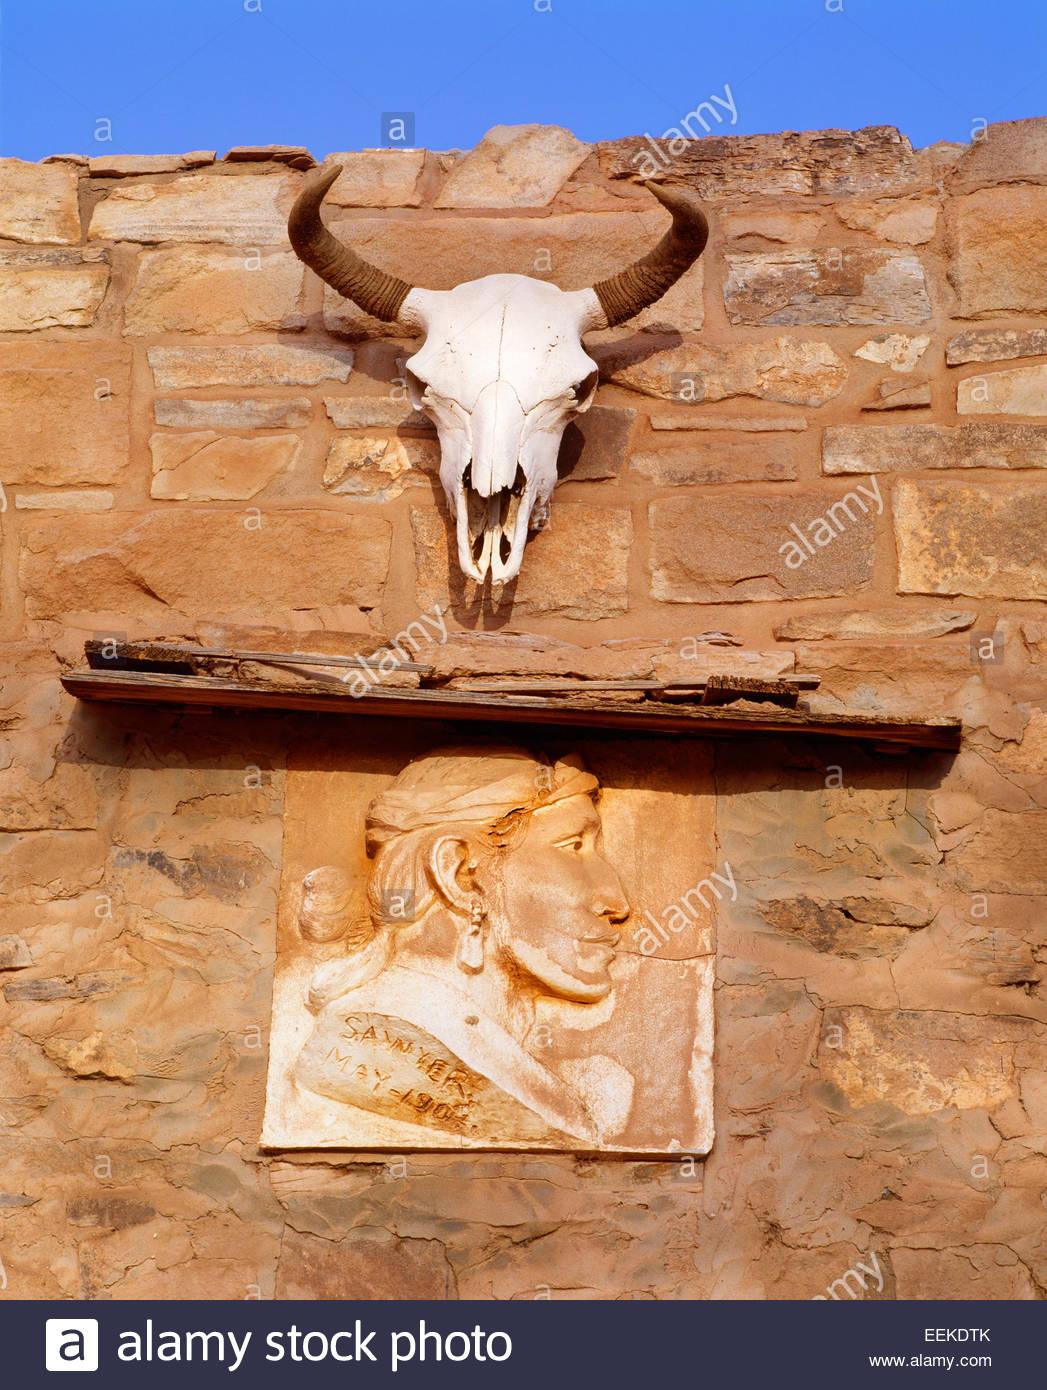 Entrée de la Navajo trading post, fondée en 1878. Hubbell Trading Post Lieu historique national, de l'Arizona. Photo Stock